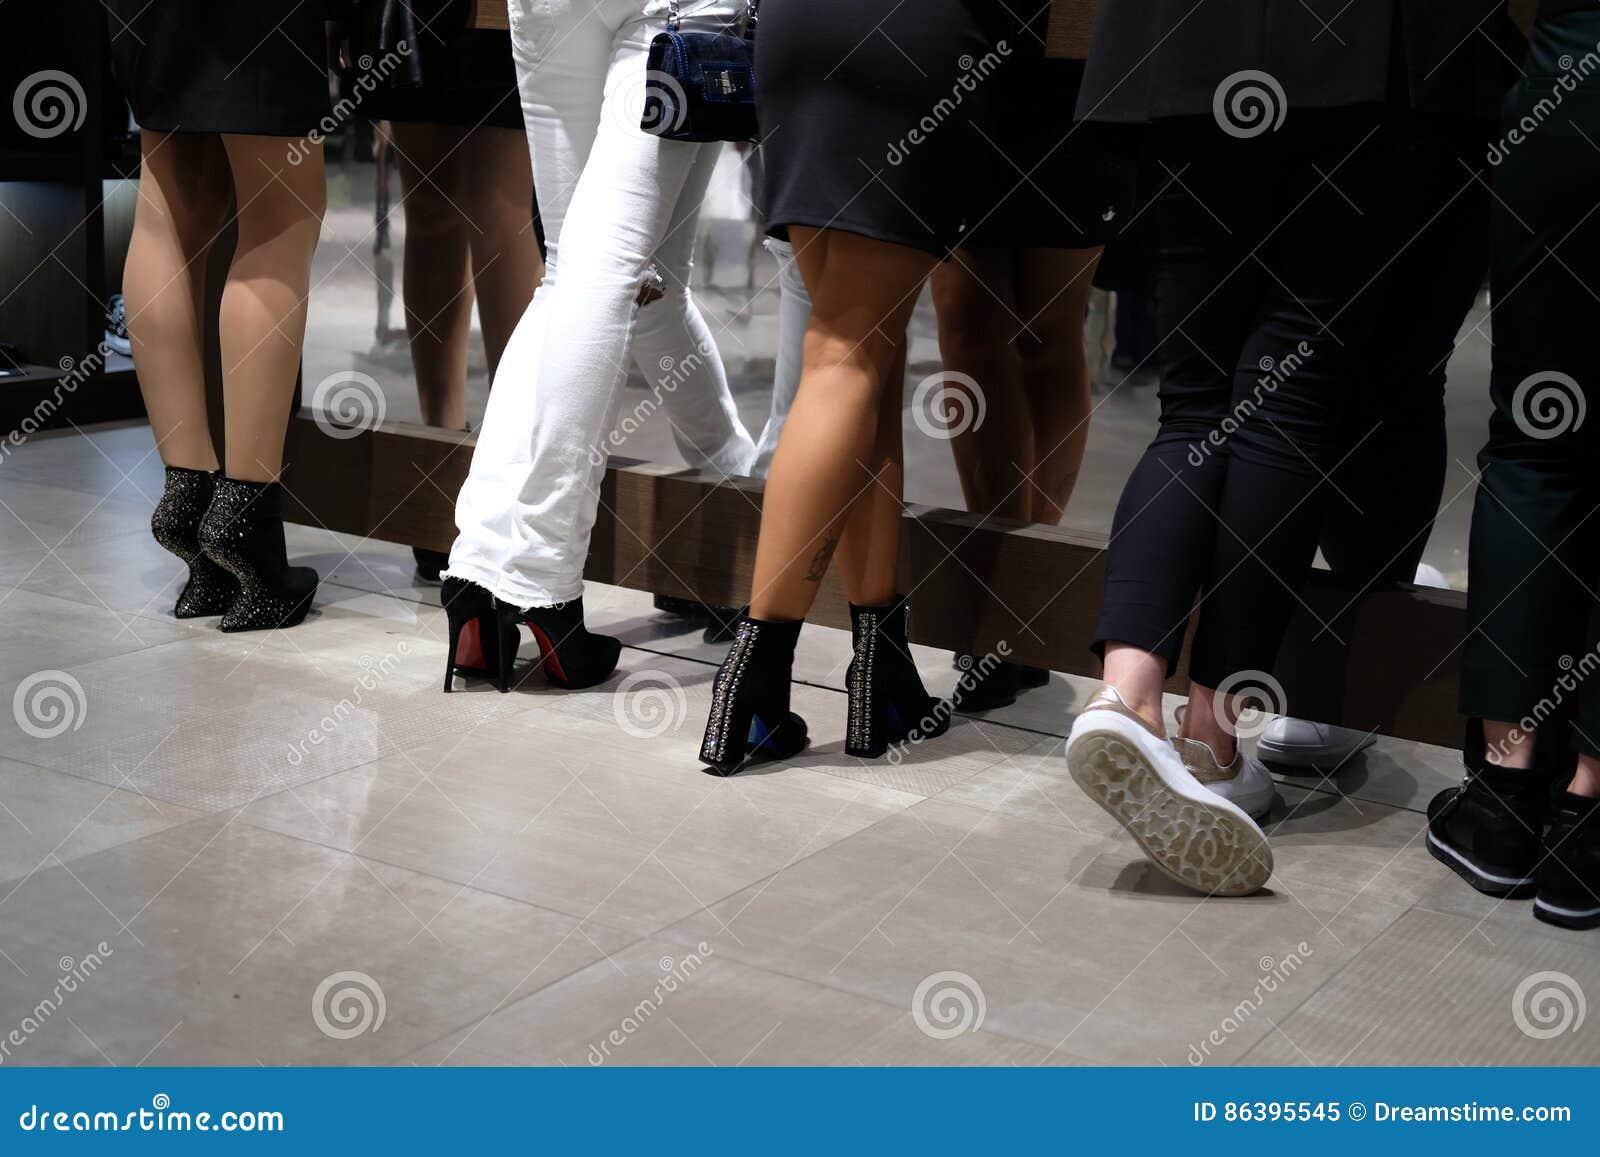 Πέντε ζευγάρια των ποδιών στα φανταχτερά παπούτσια